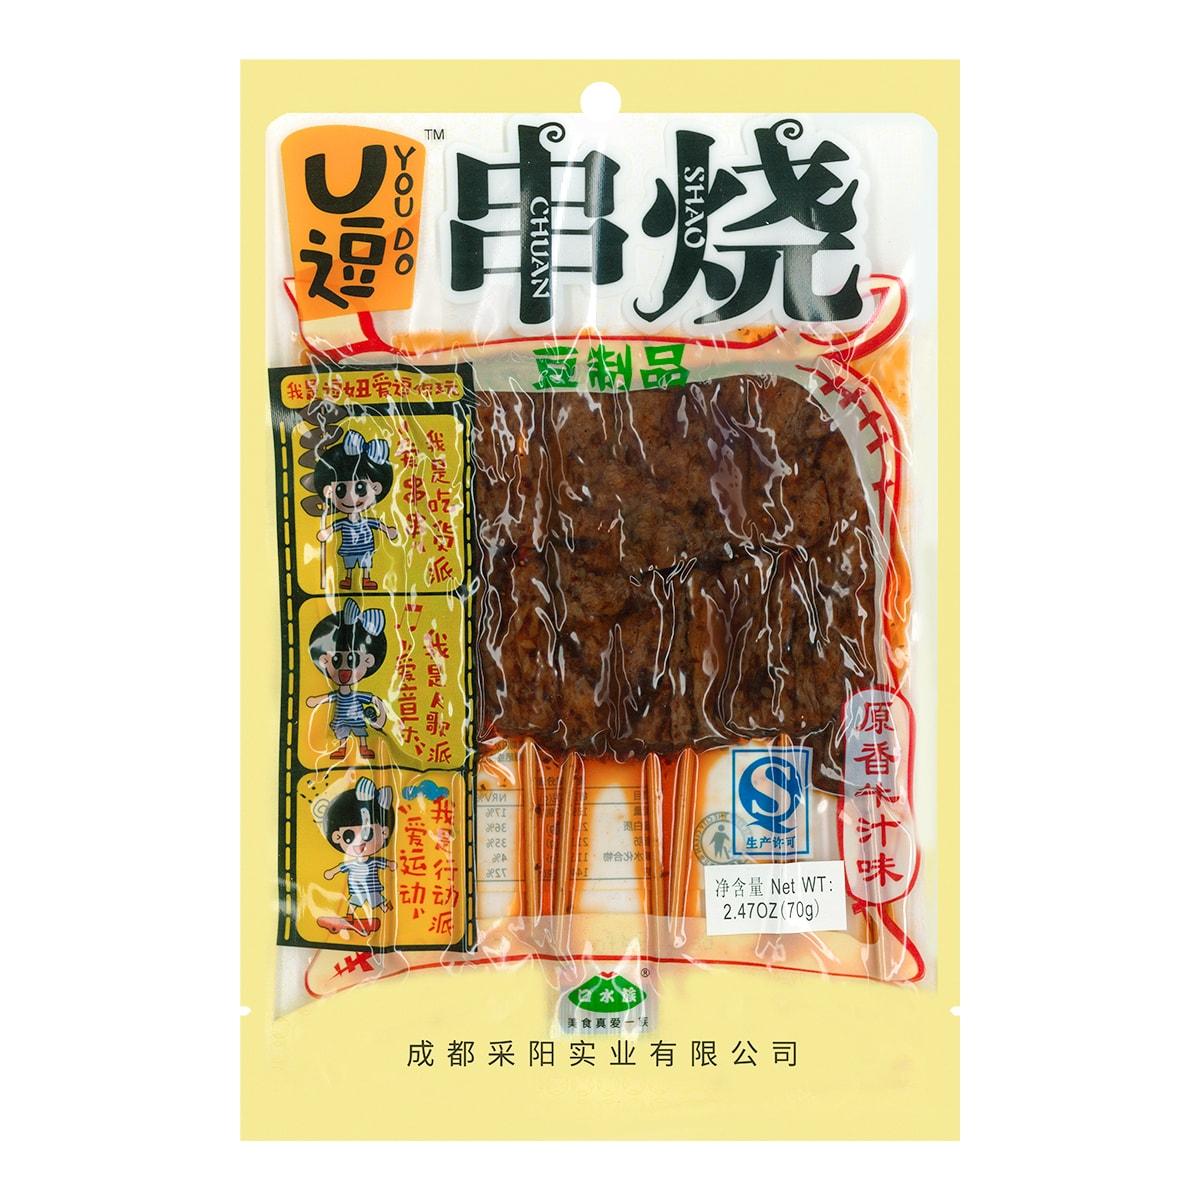 口水族 U逗串烧 原香牛汁味 70g